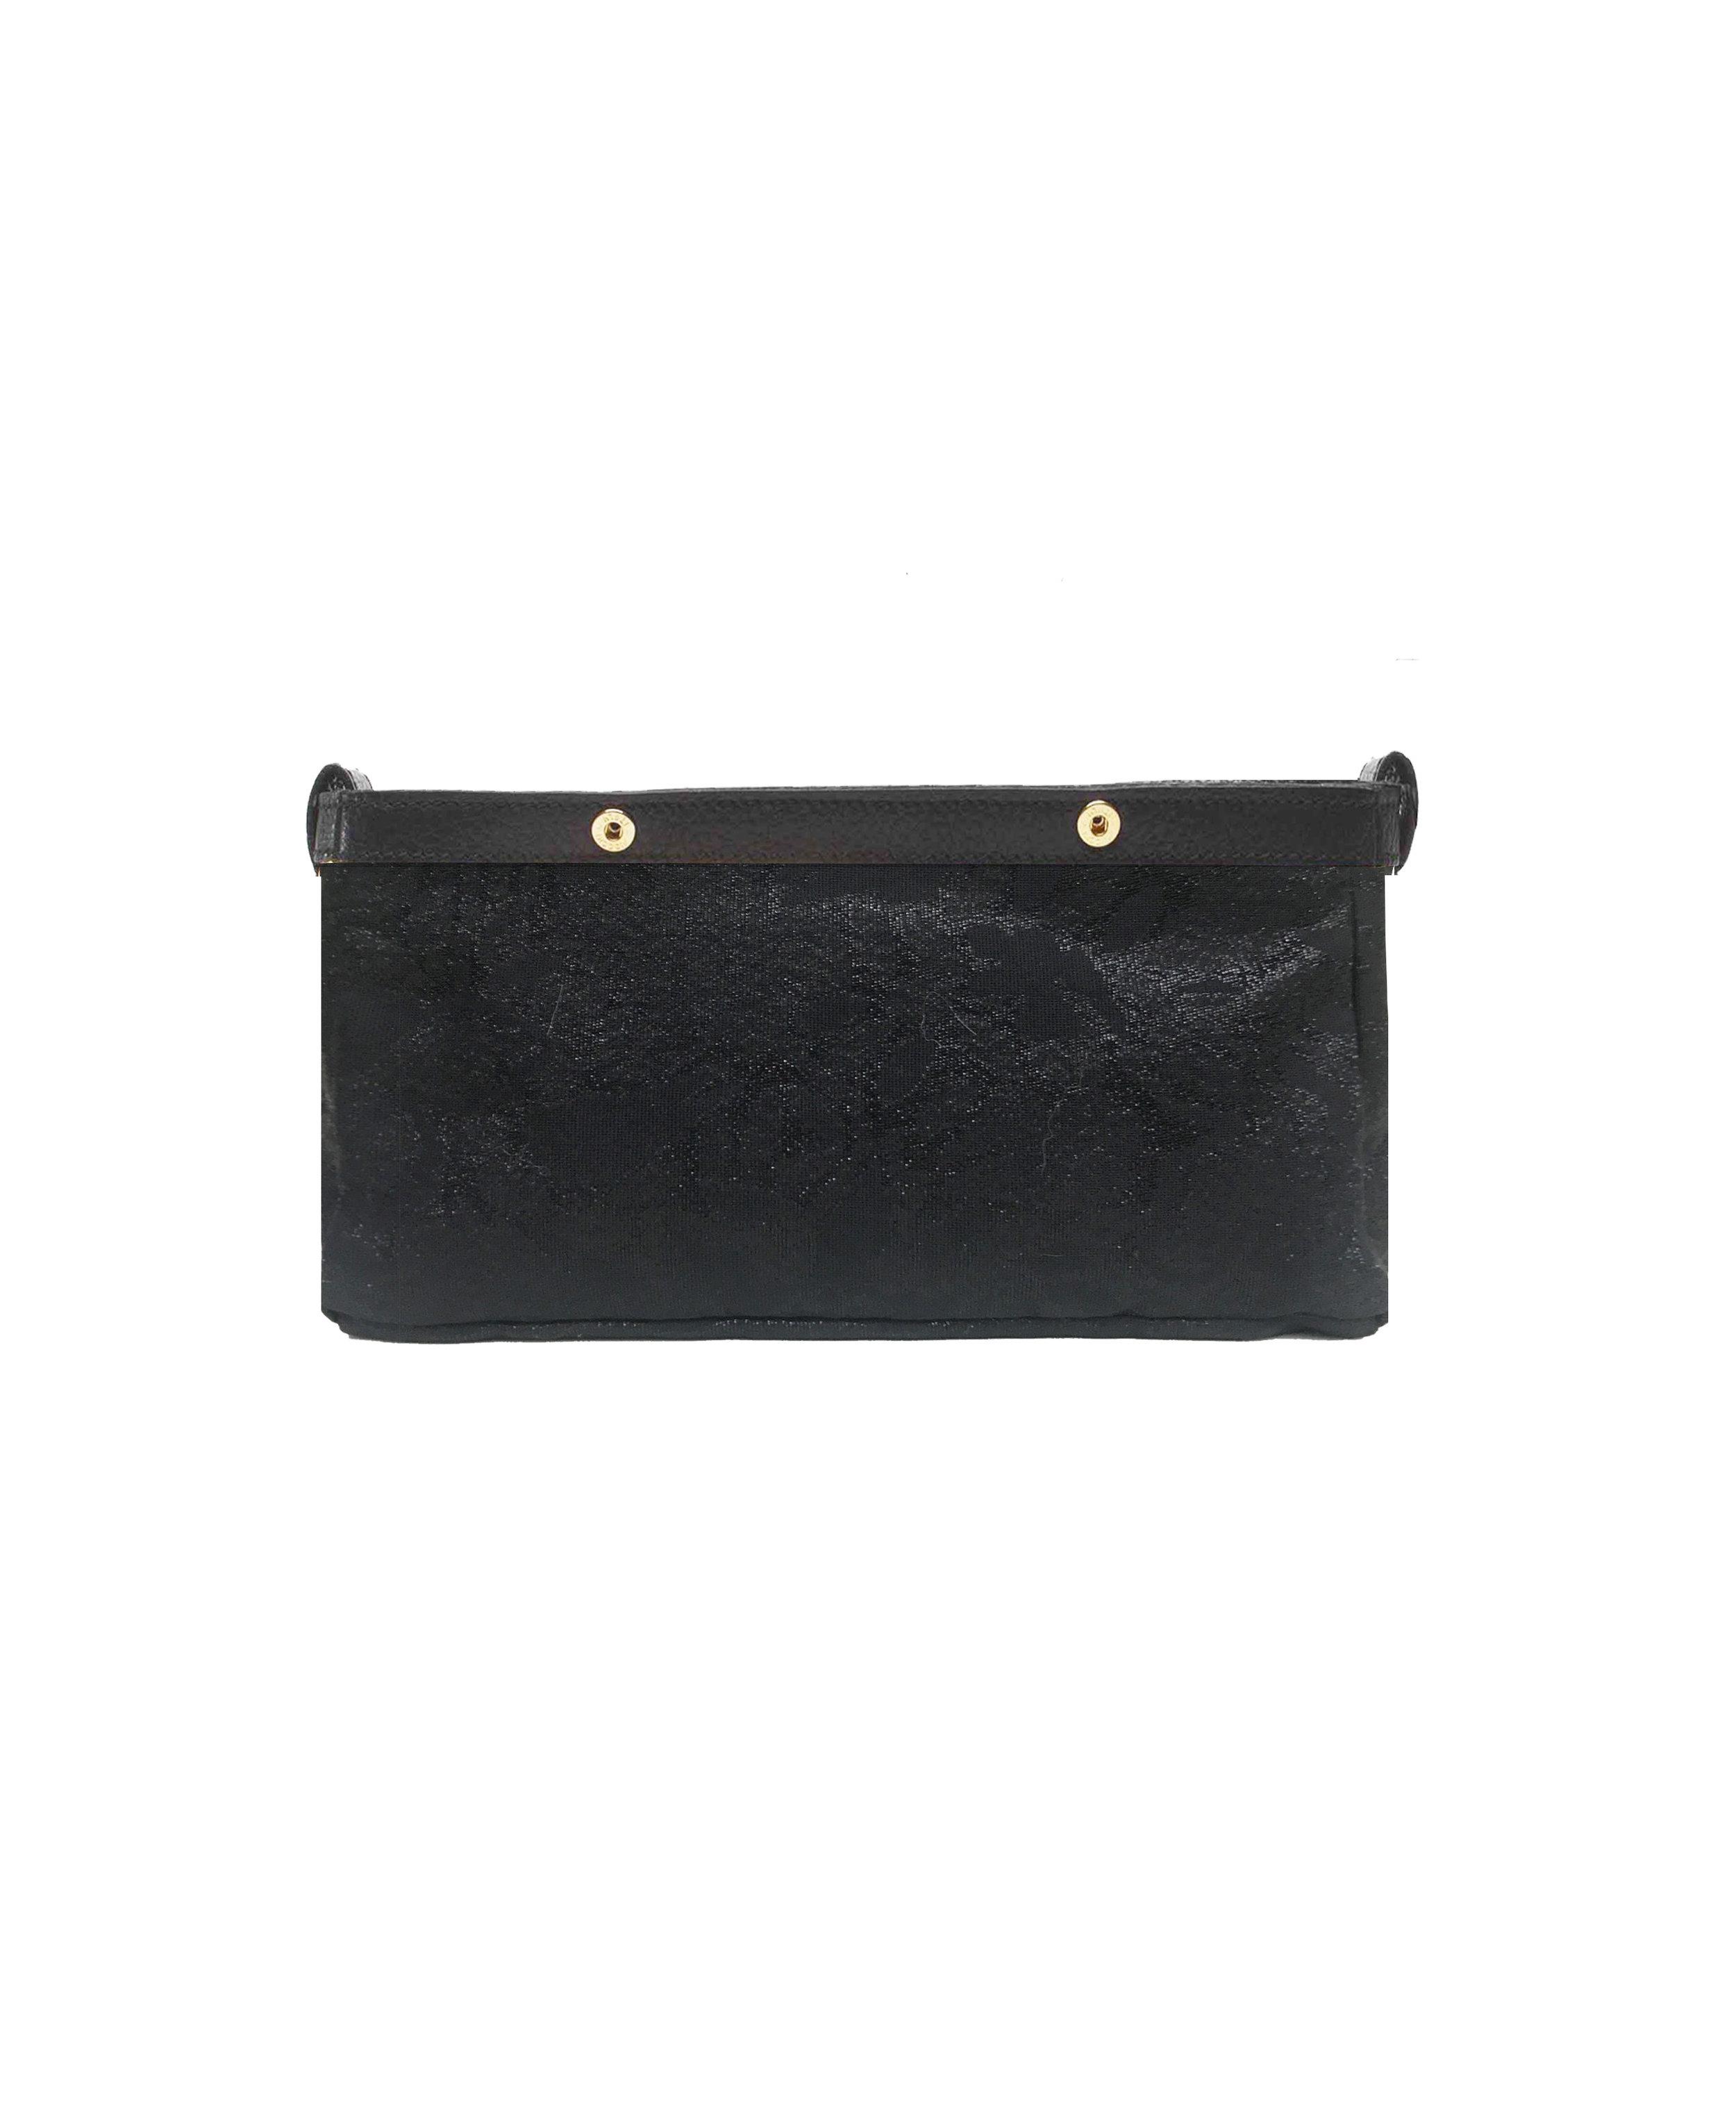 Be Fuller Clutch - Black Inner bag